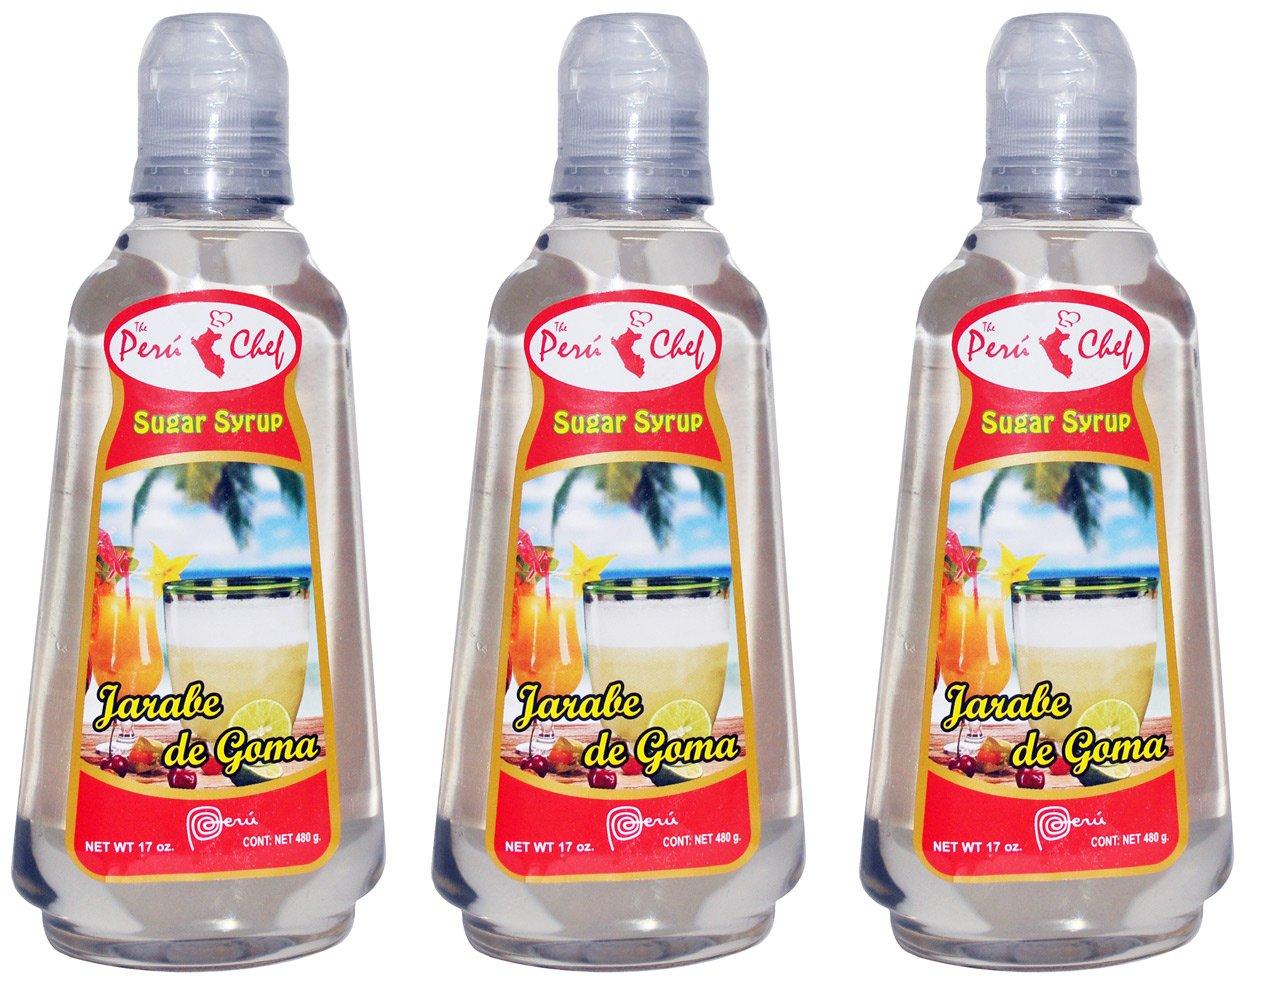 Jarabe de Goma - Sugar Syrup 3 bottles of 17 oz each by Peru Chef (Image #1)